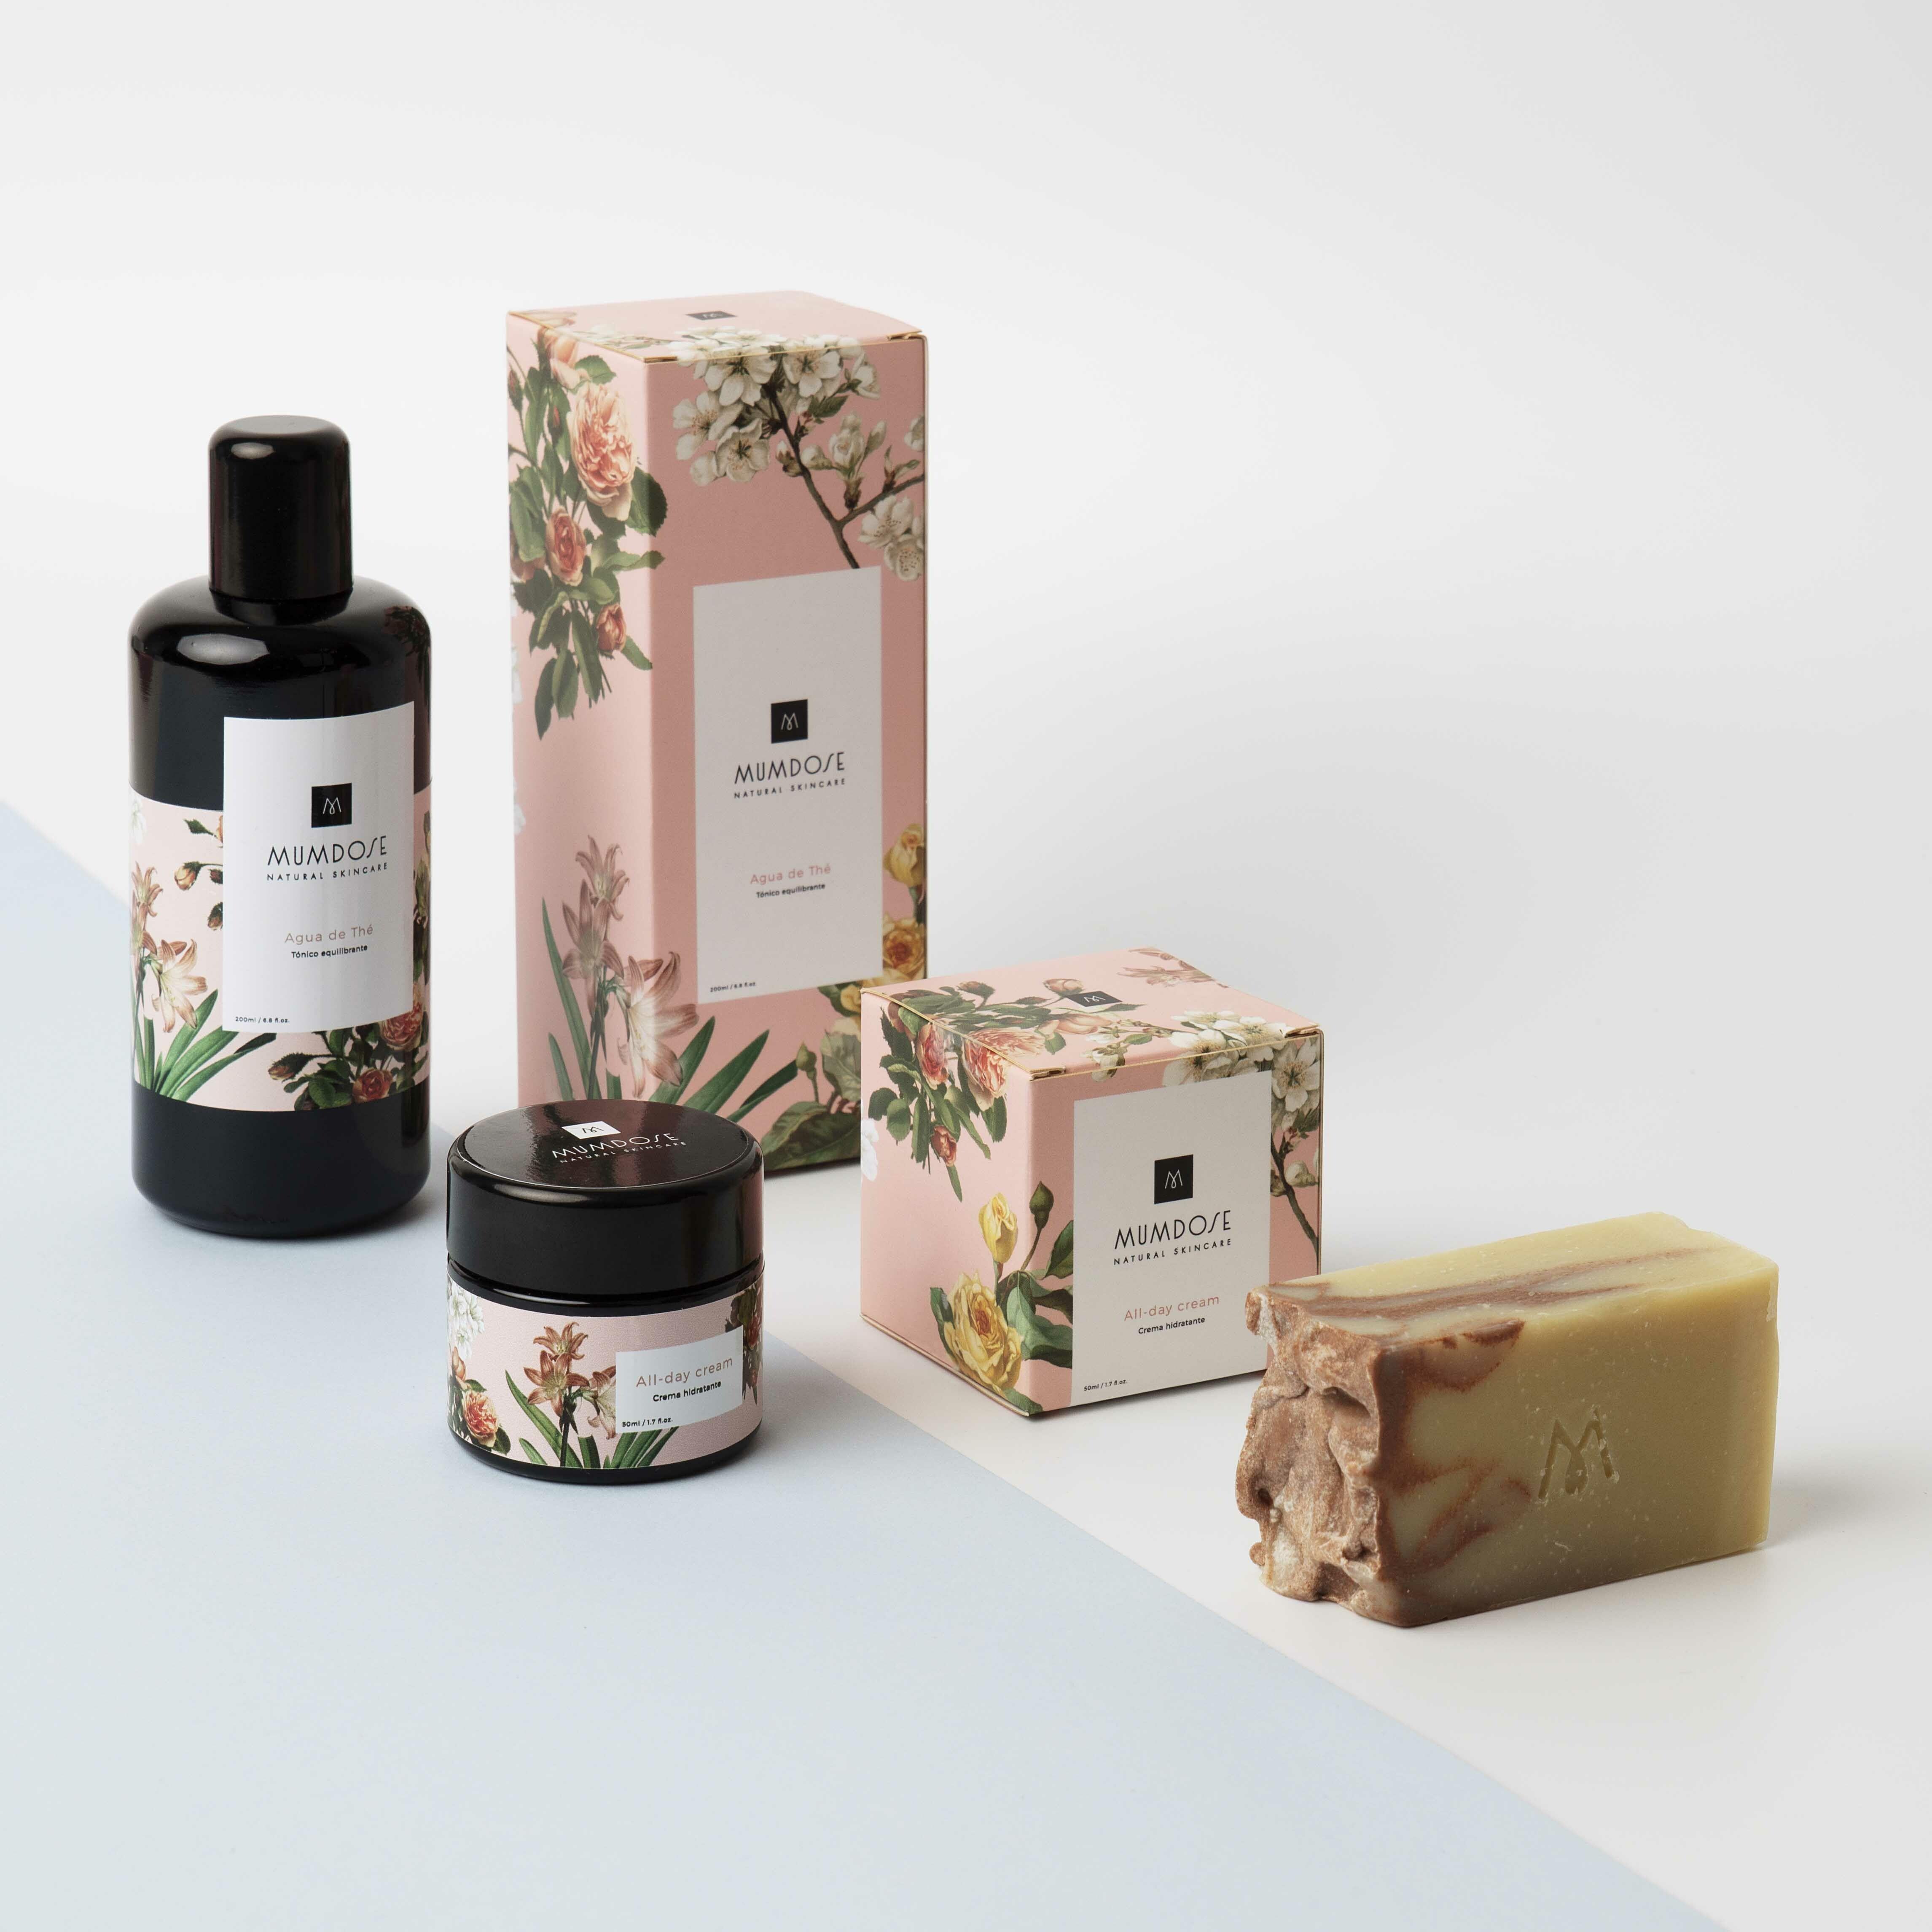 Kit de productos de Mumdose. (Cortesía de la marca)